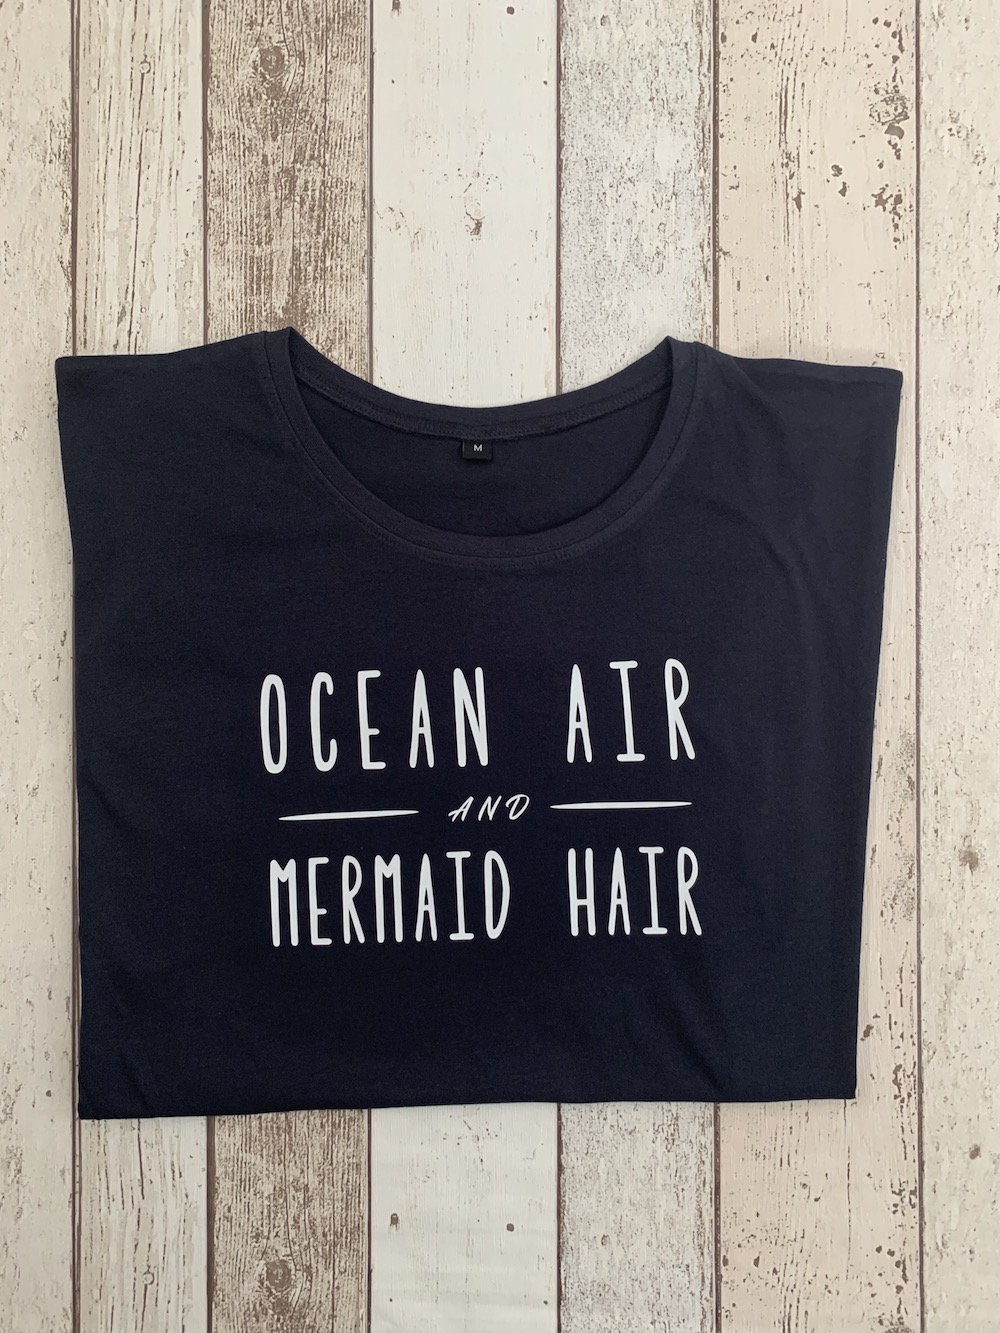 Ocean Air Tshirt – Navy And White